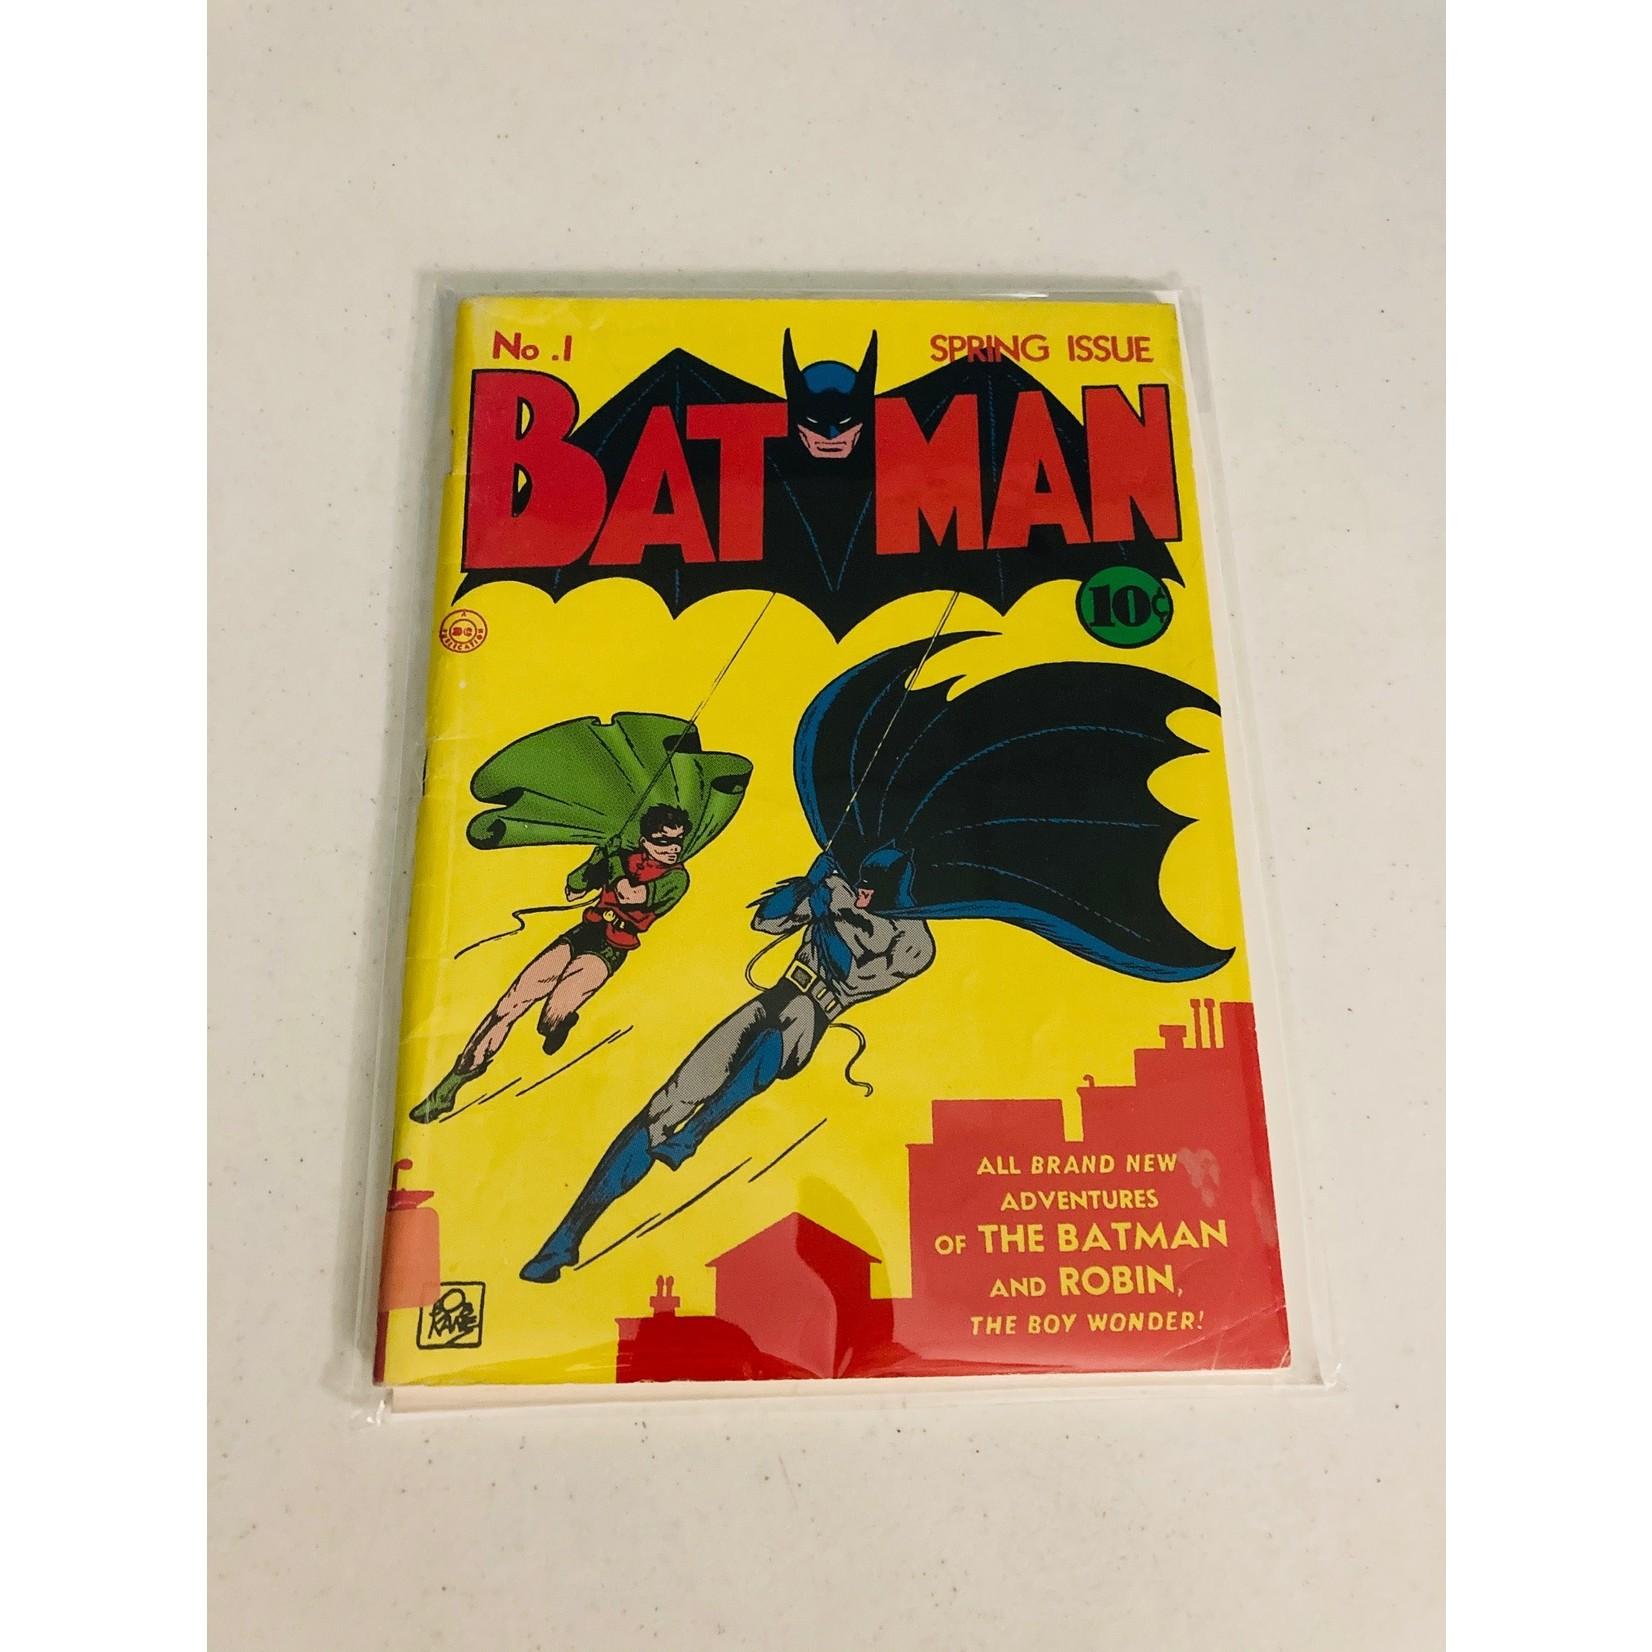 DC COMICS Batman Spring Issue #1 Reprint (2000)